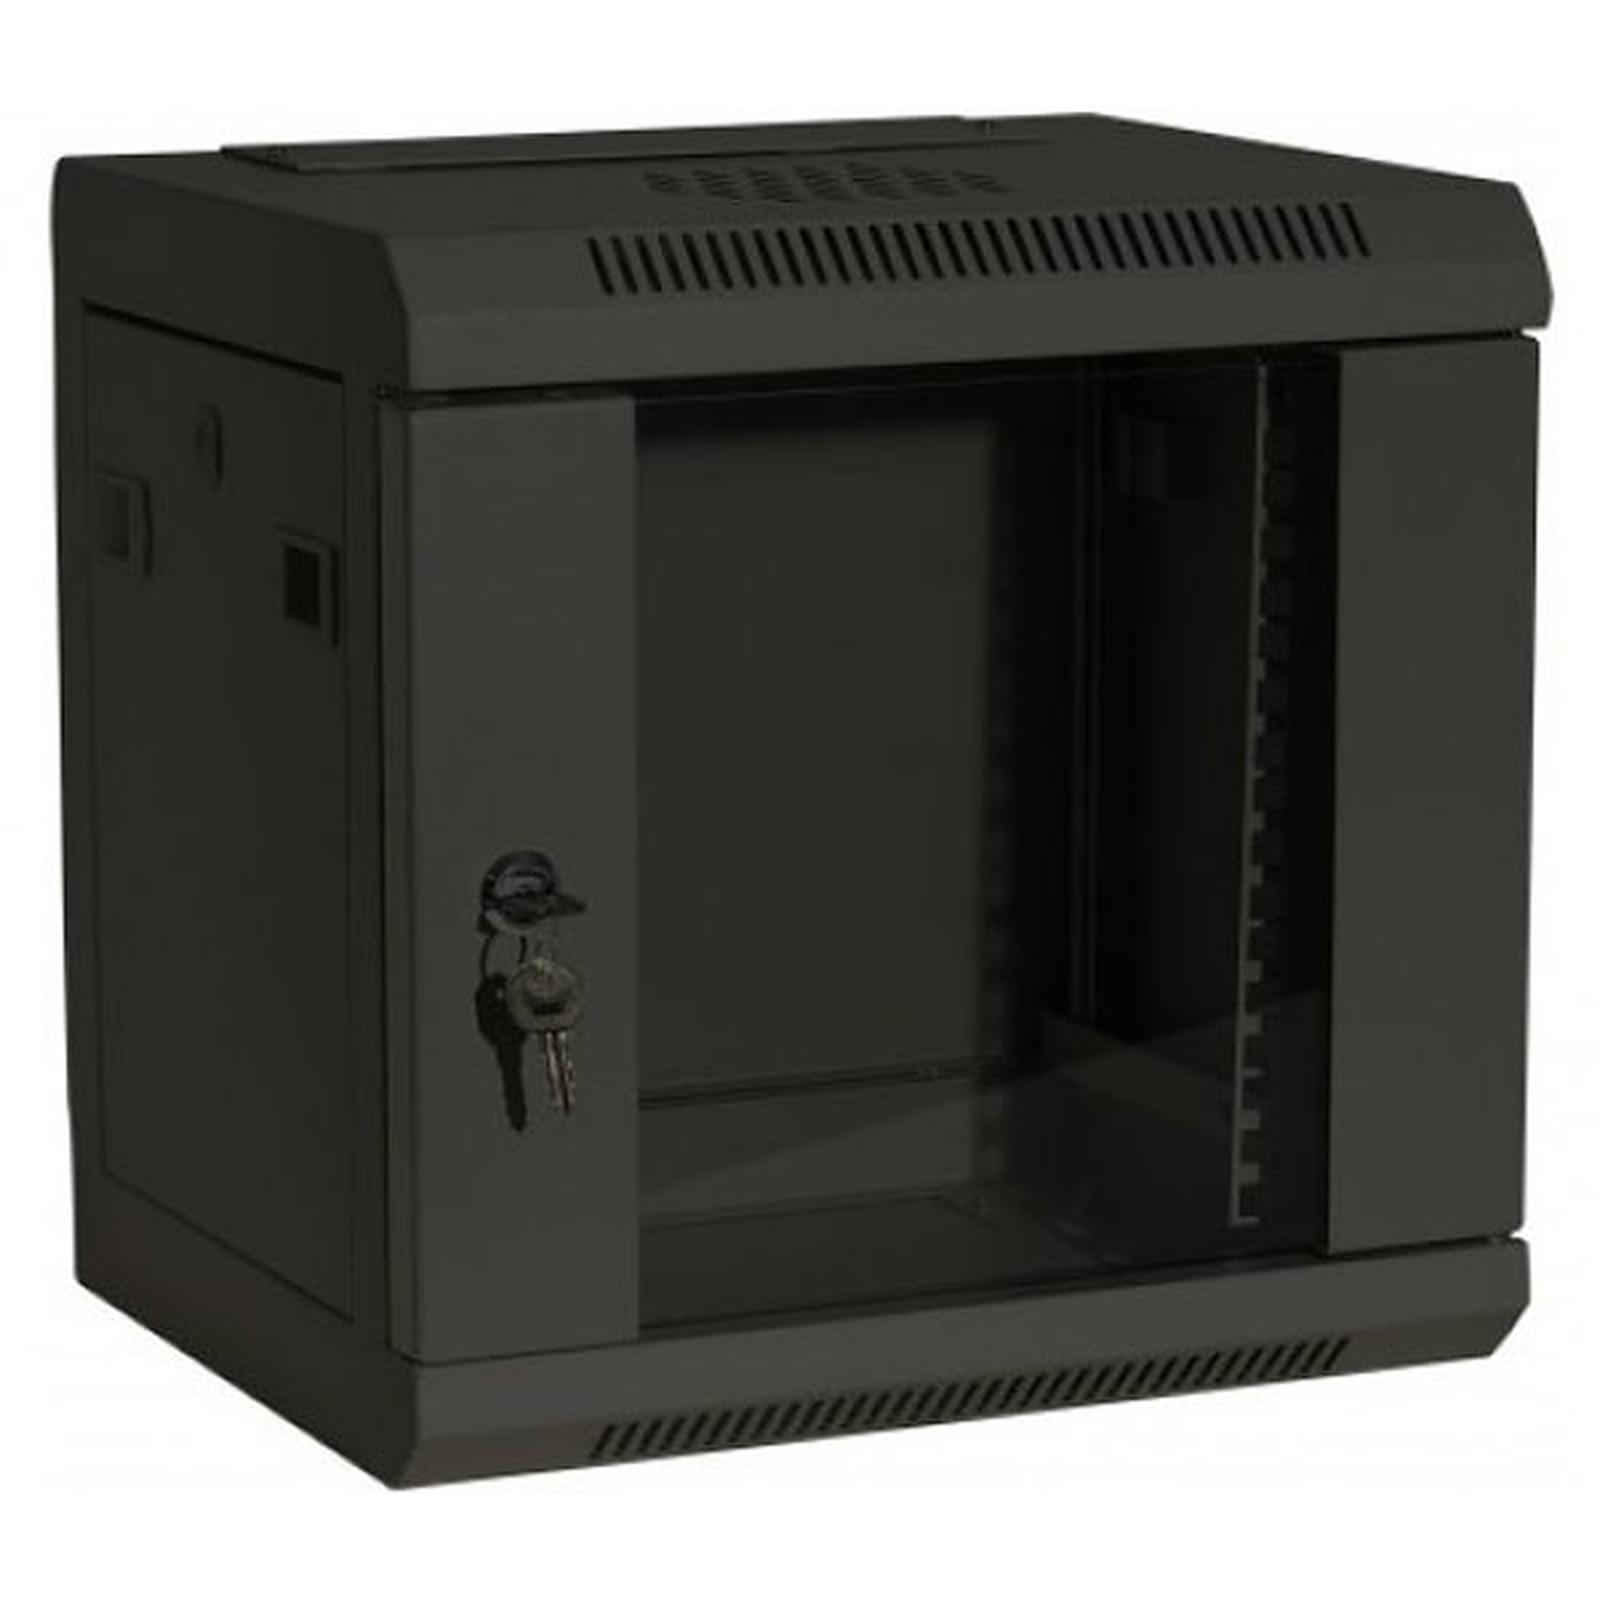 Dexlan coffret réseau - fixe - largeur 10'' - hauteur 9U - profondeur 28 cm - charge utile 10 kg - coloris noir